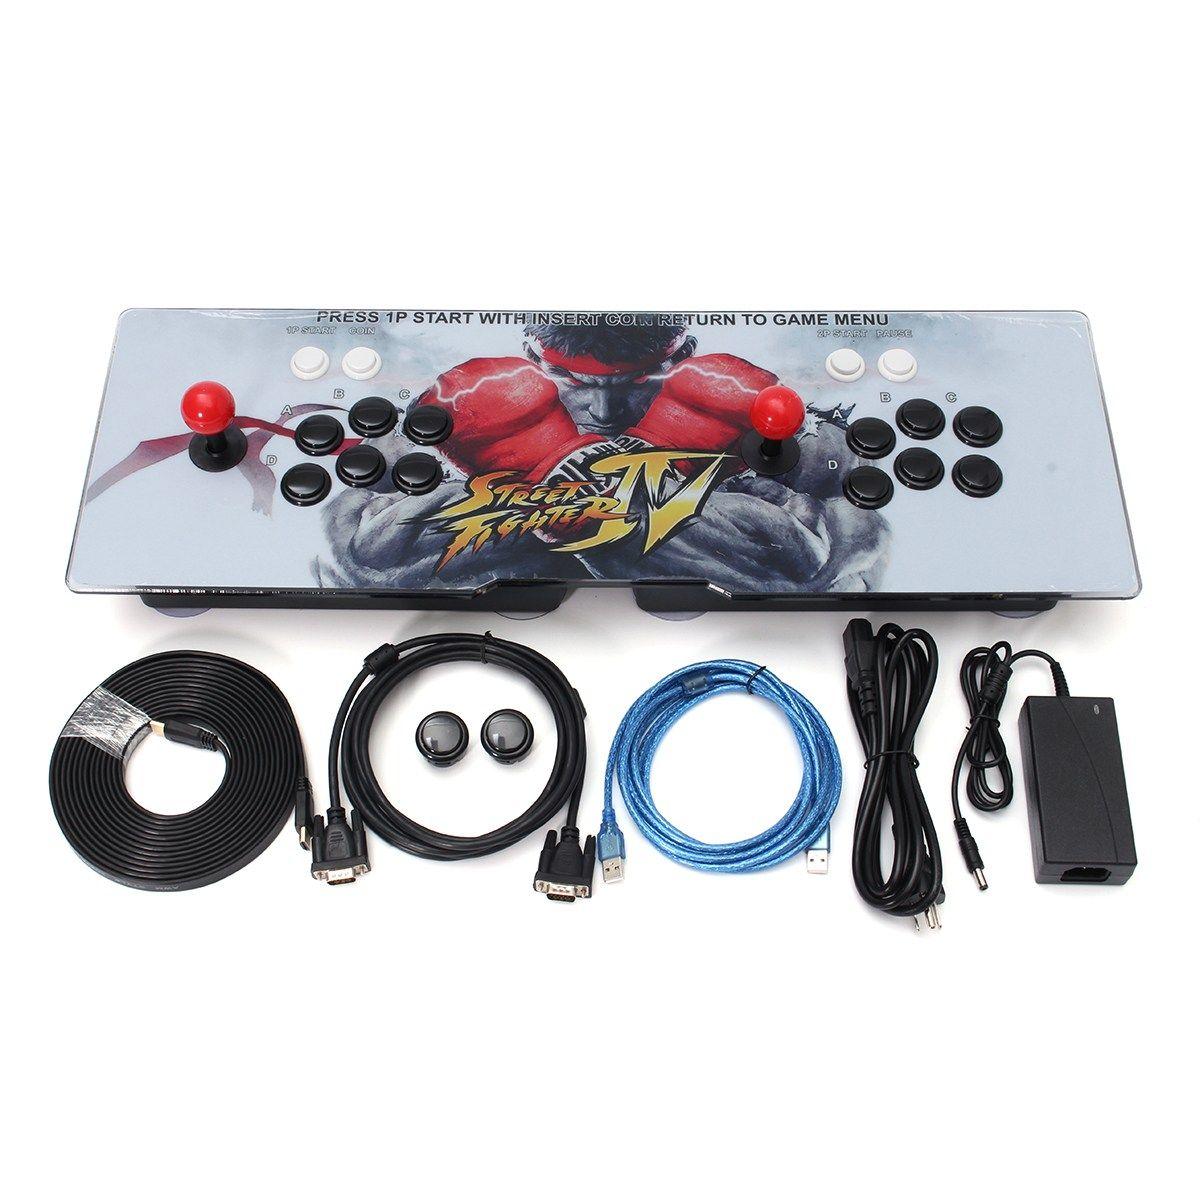 800 en 1 estilo retro juegos arcada joystick con 2 jugadores joystick dual hogar juego arcade consola juego clásico para PC para TV